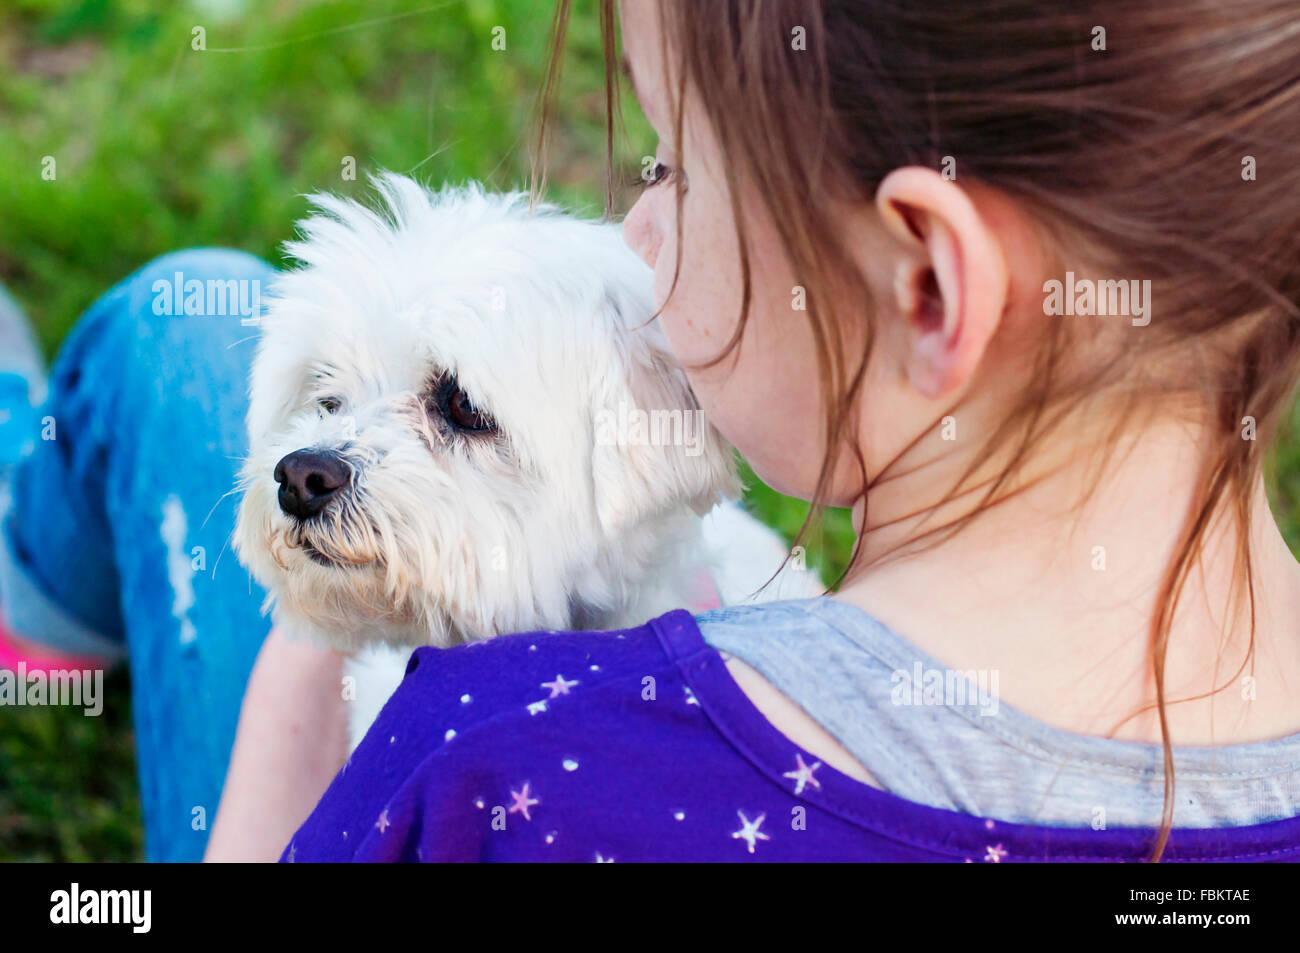 Girl holding dog - Stock Image